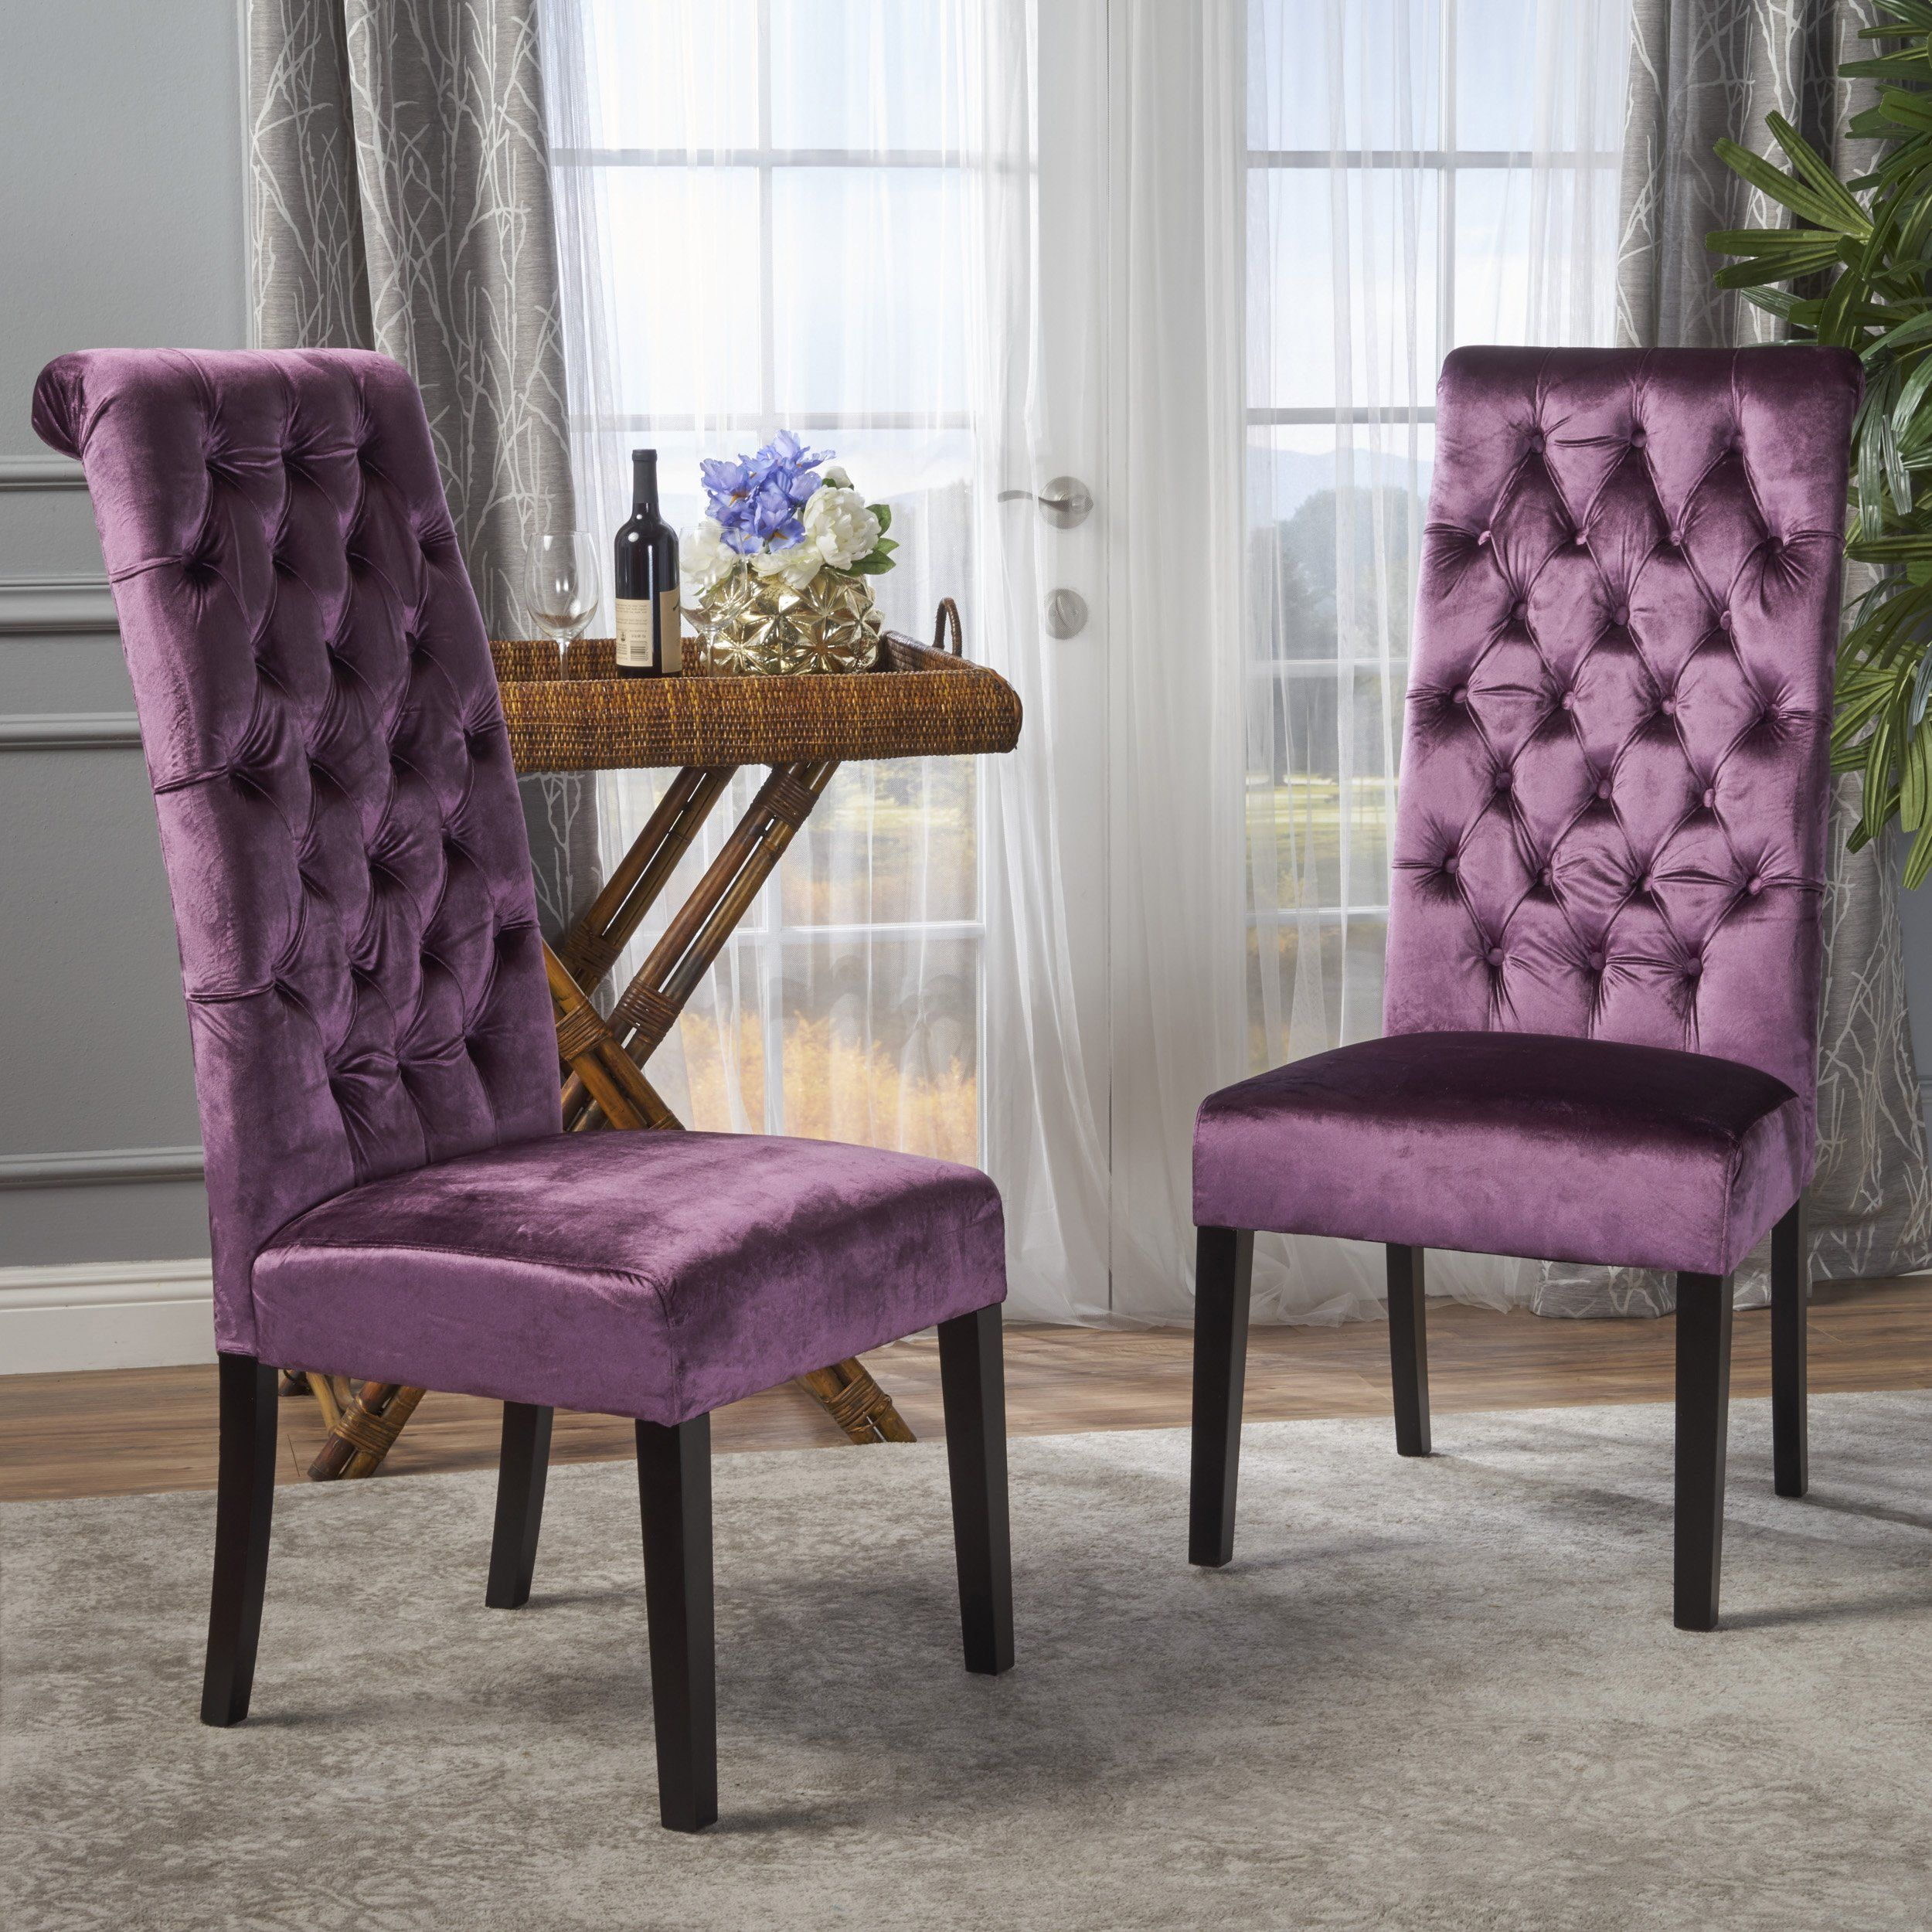 Leona Tall Back Tufted New Velvet Dining Chair (Set of 2